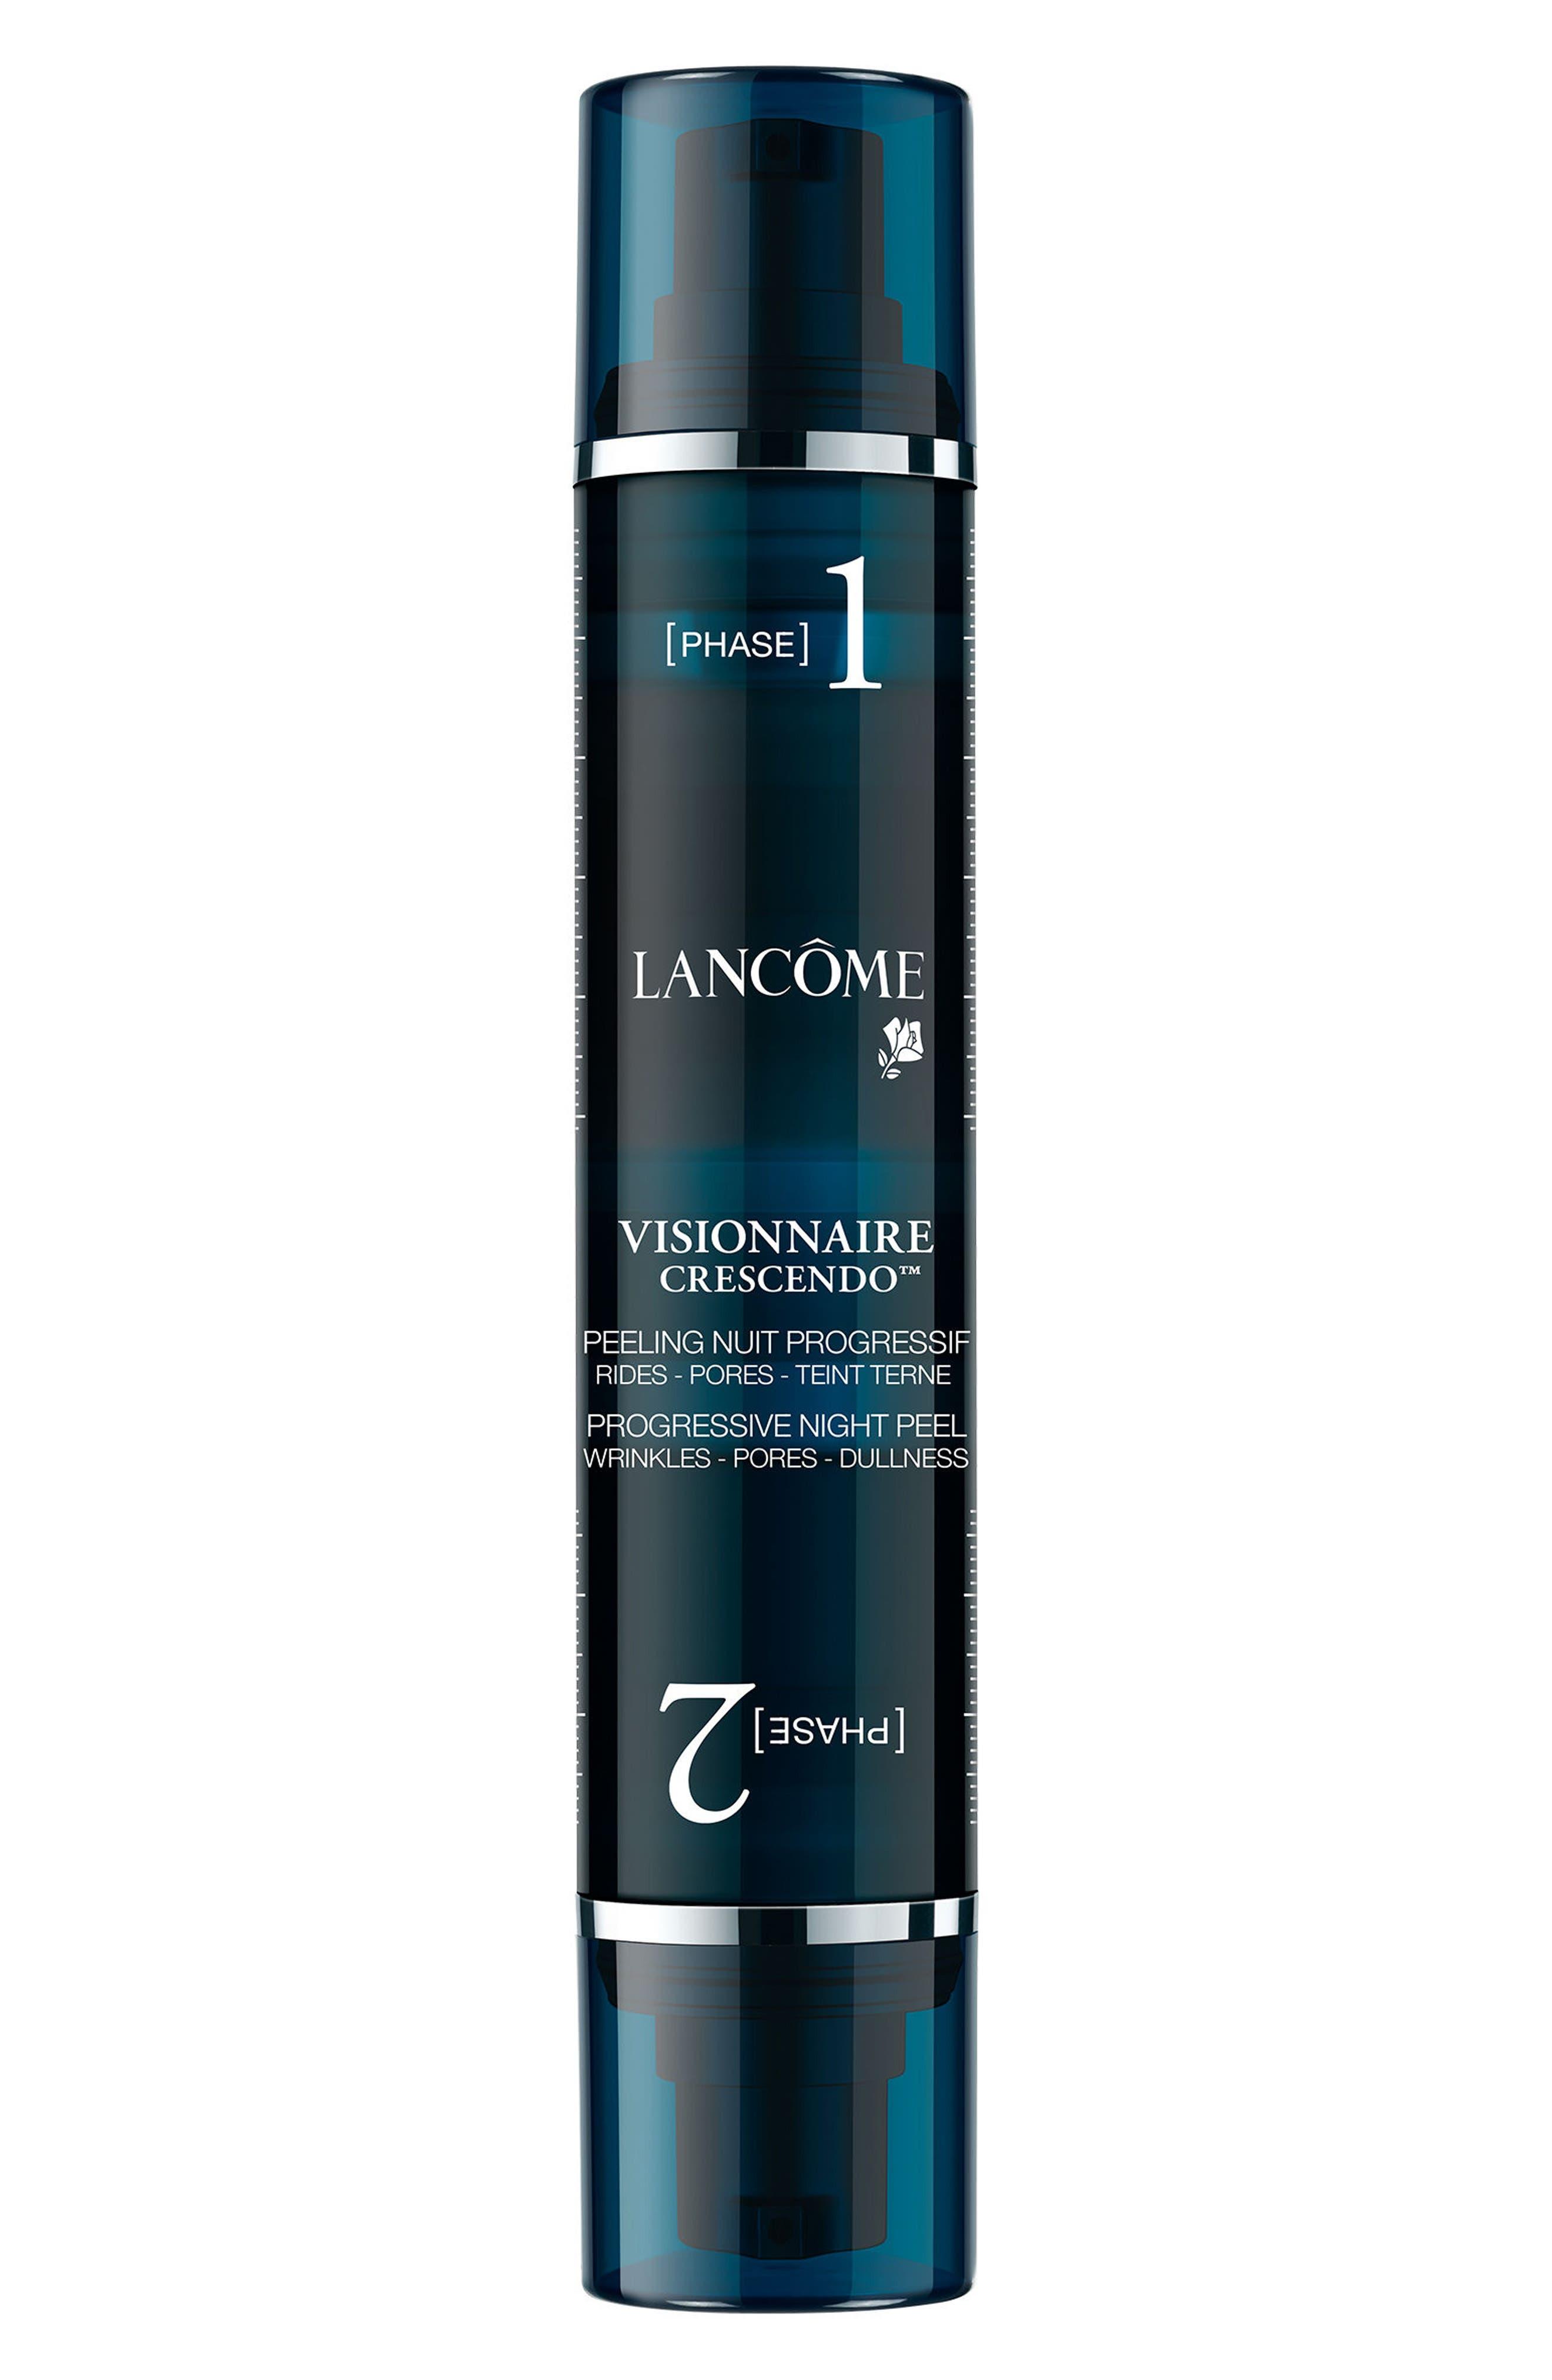 Lancome Visionnaire Crescendo(TM) Progressive Night Peel